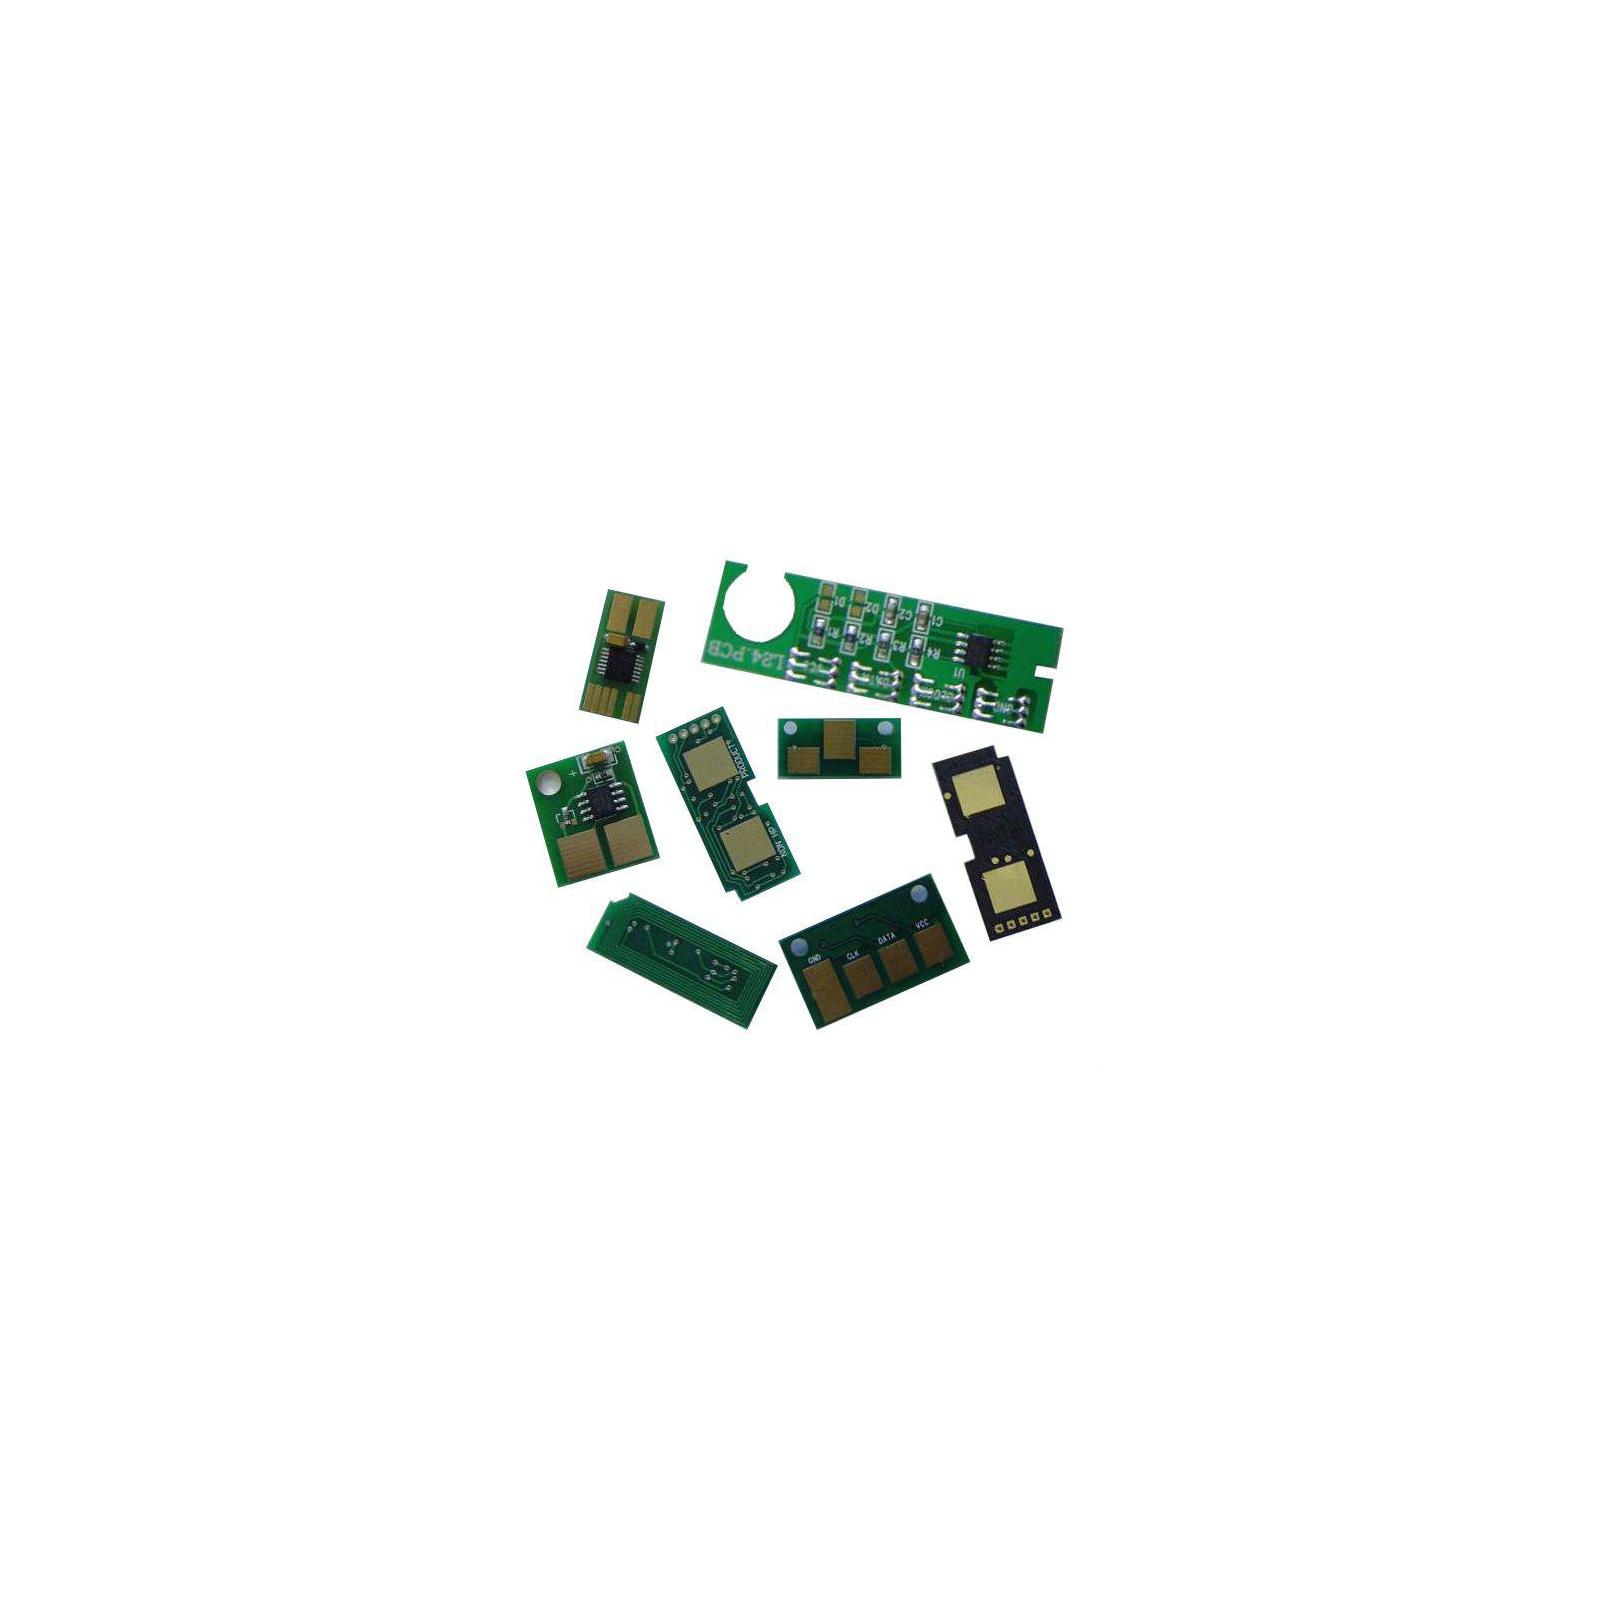 Чип для картриджа EPSON T0805 ДЛЯ R265/P50 LIGHT CYAN Apex (CHIP-EPS-T0805-LC)